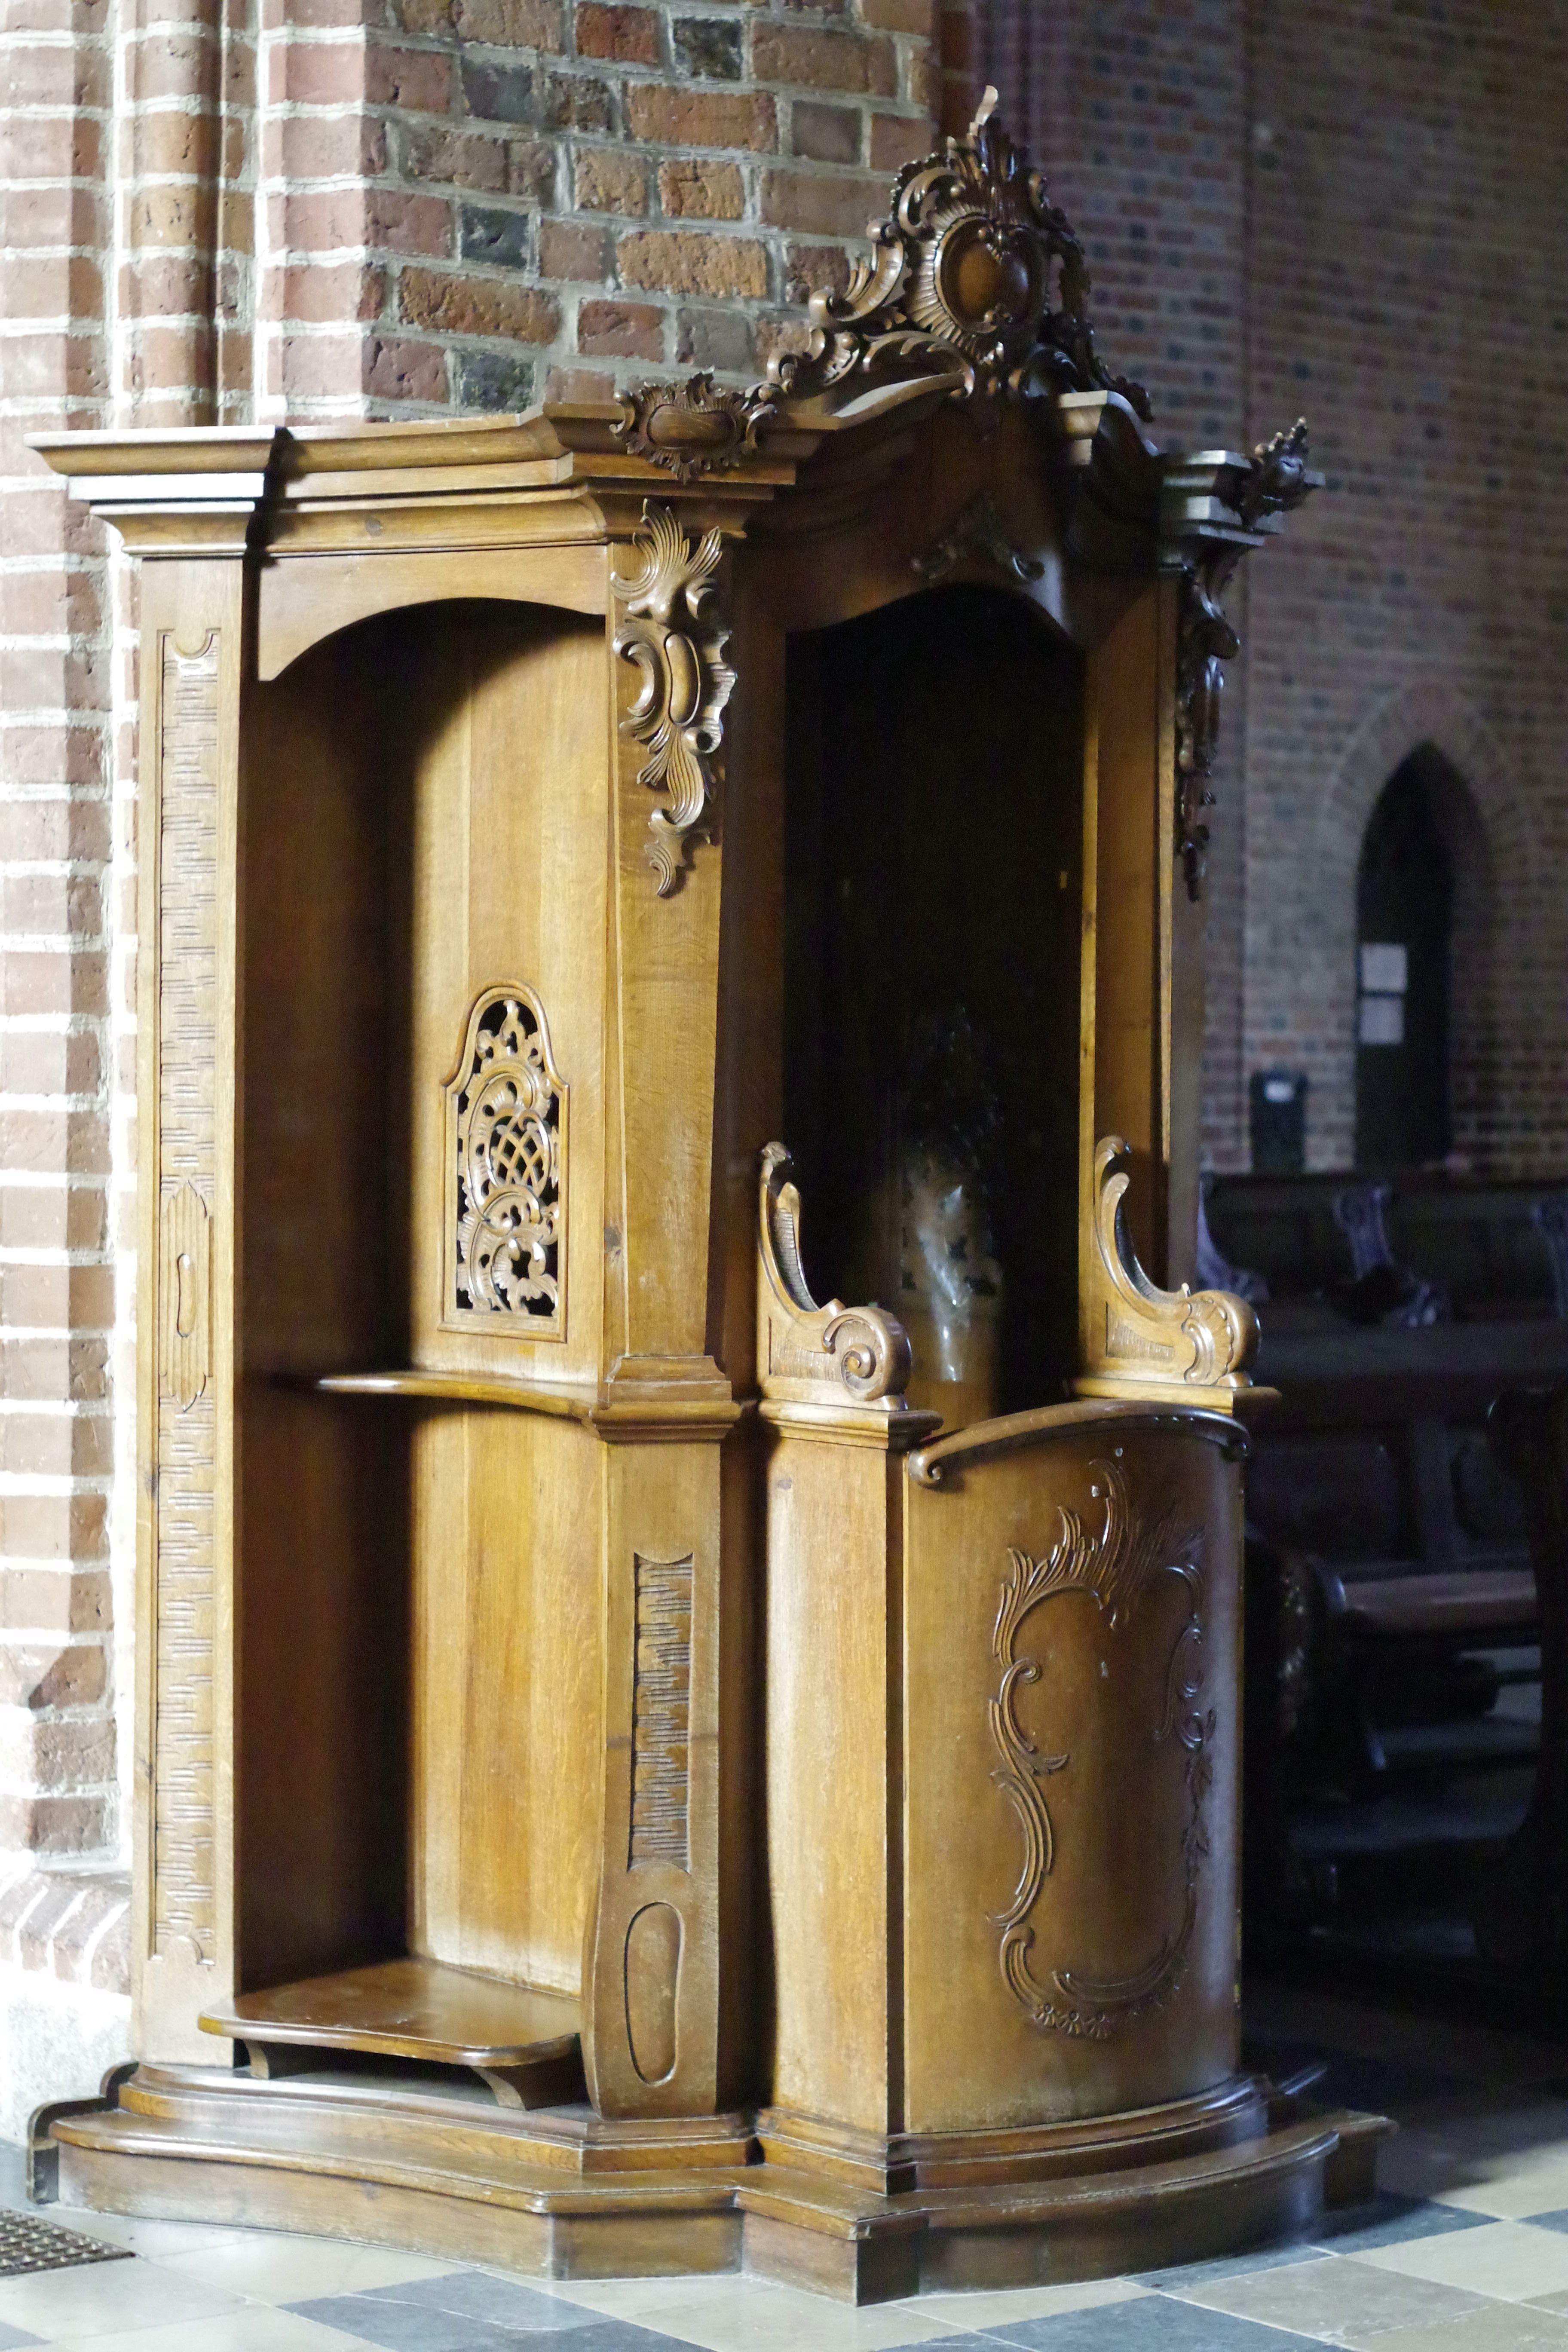 Gratis Afbeeldingen : hout, oud, kolom, kerk, meubilair, verlichting ...